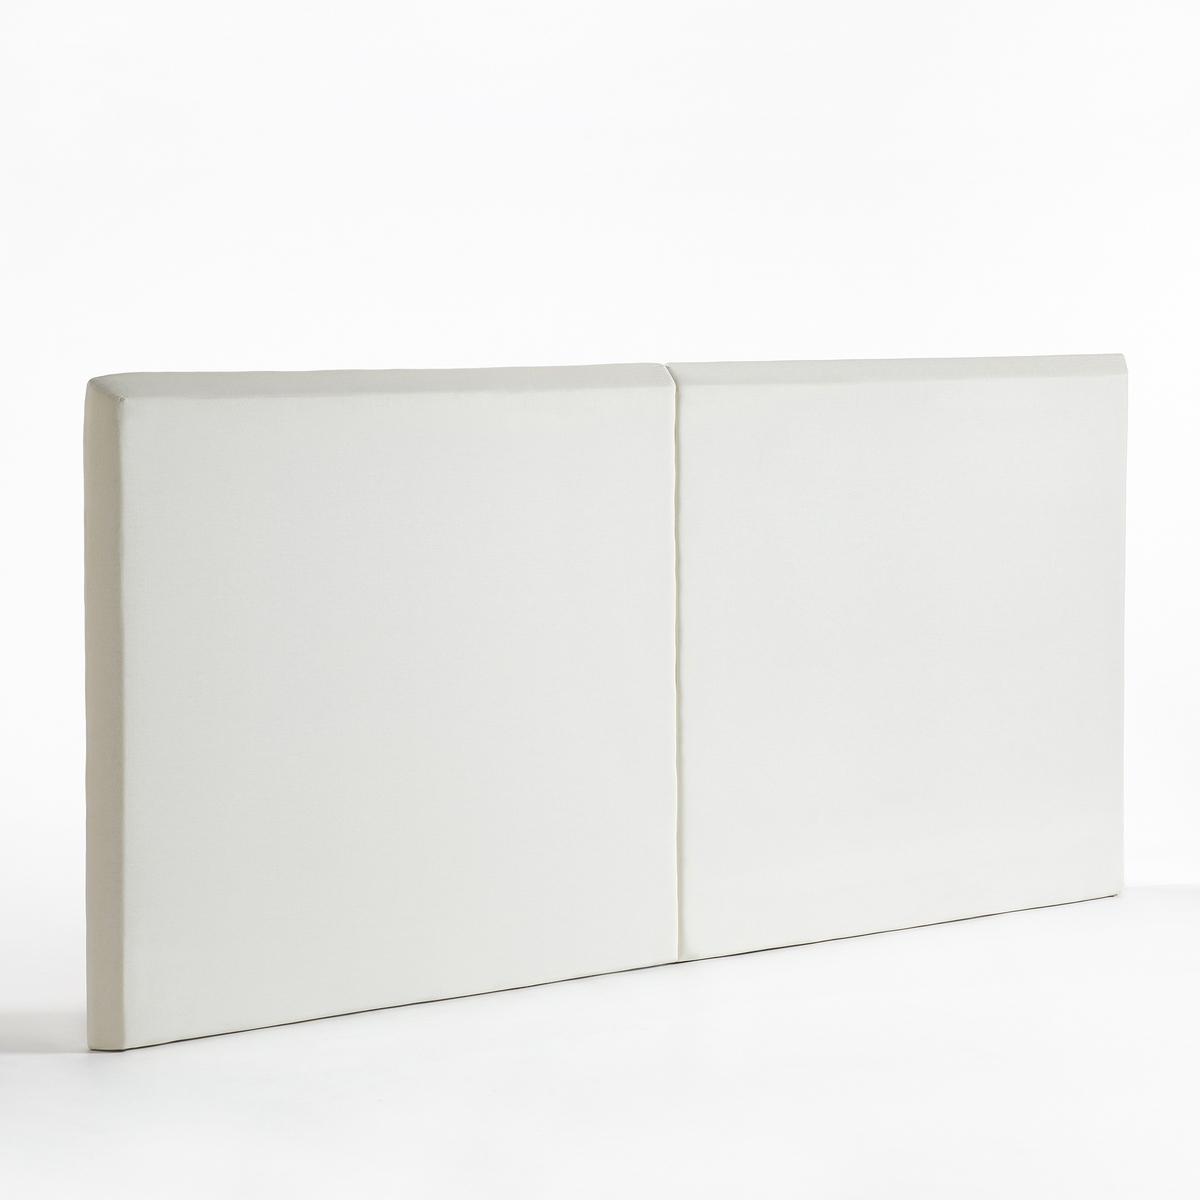 Изголовье La Redoute Для кровати В см размер XL Sandor 180 см белый чехол из льна с помпонами для изголовья кровати sandor